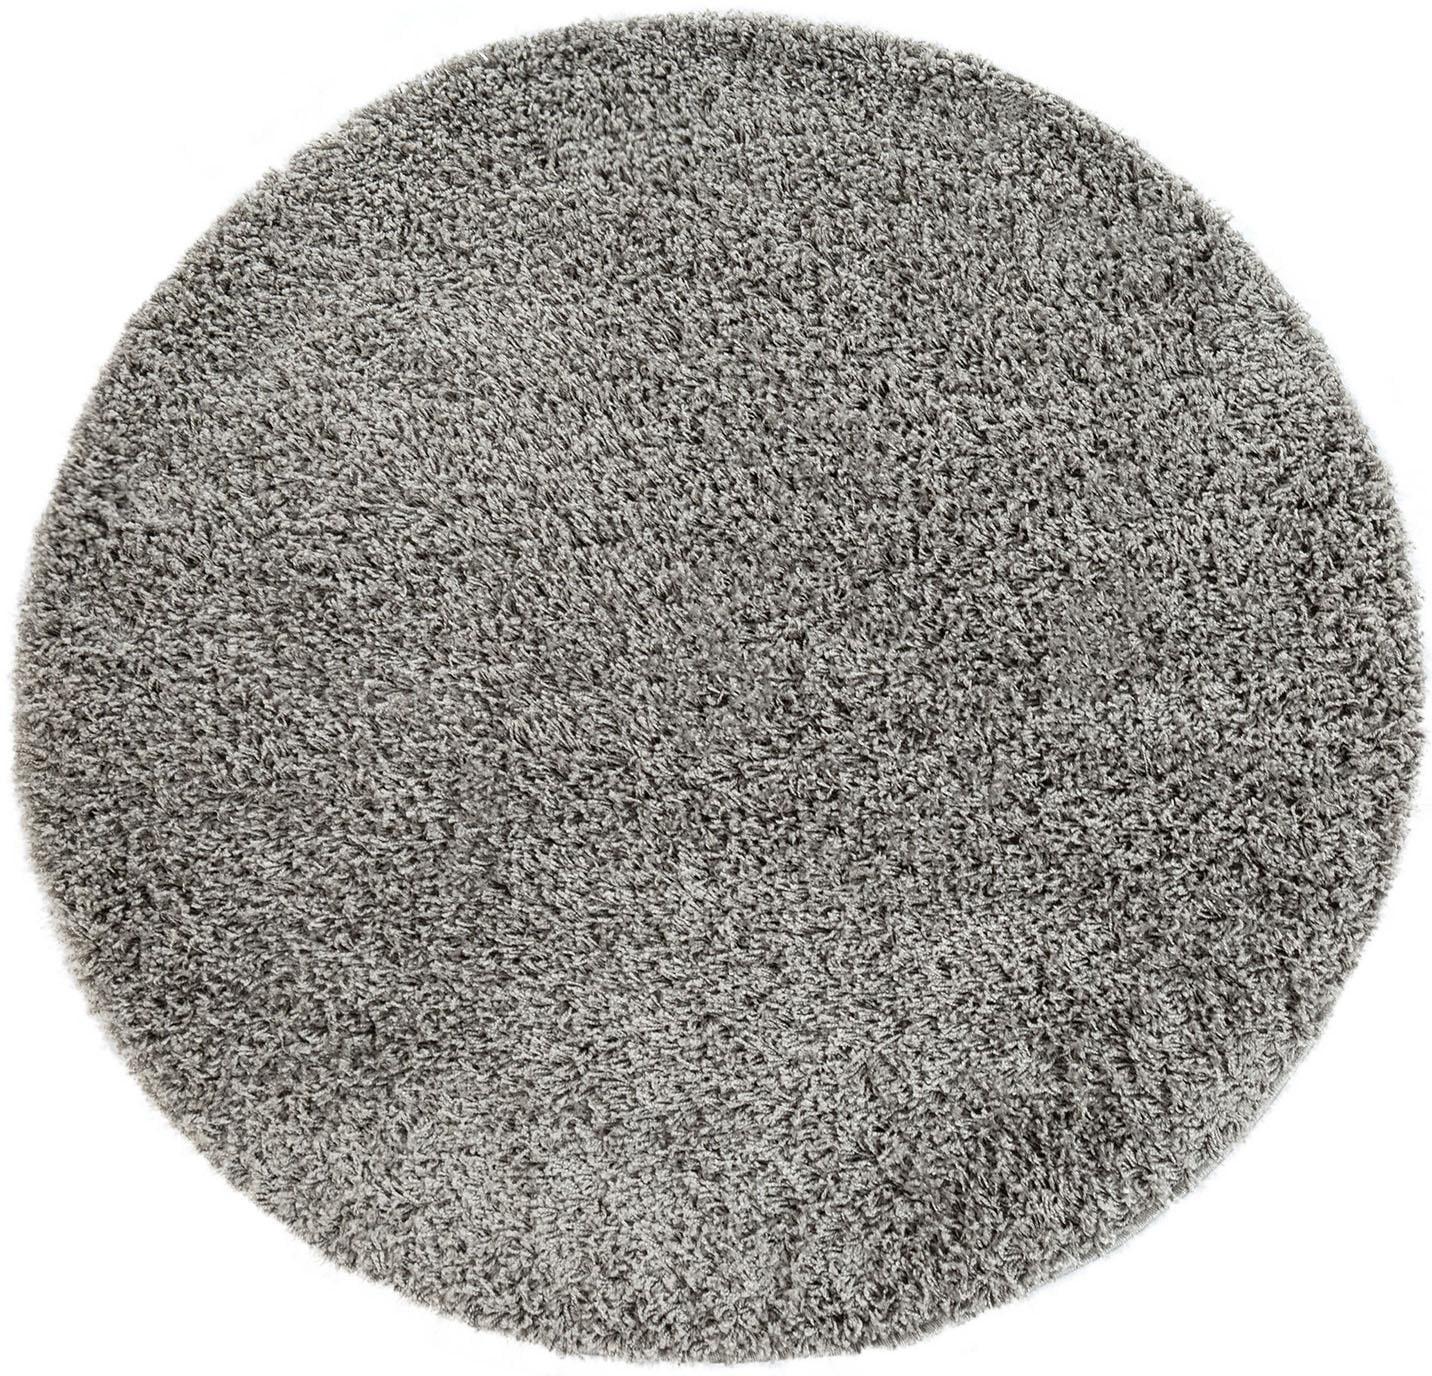 Hochflor-Teppich Twister 500 Paco Home rund Höhe 45 mm